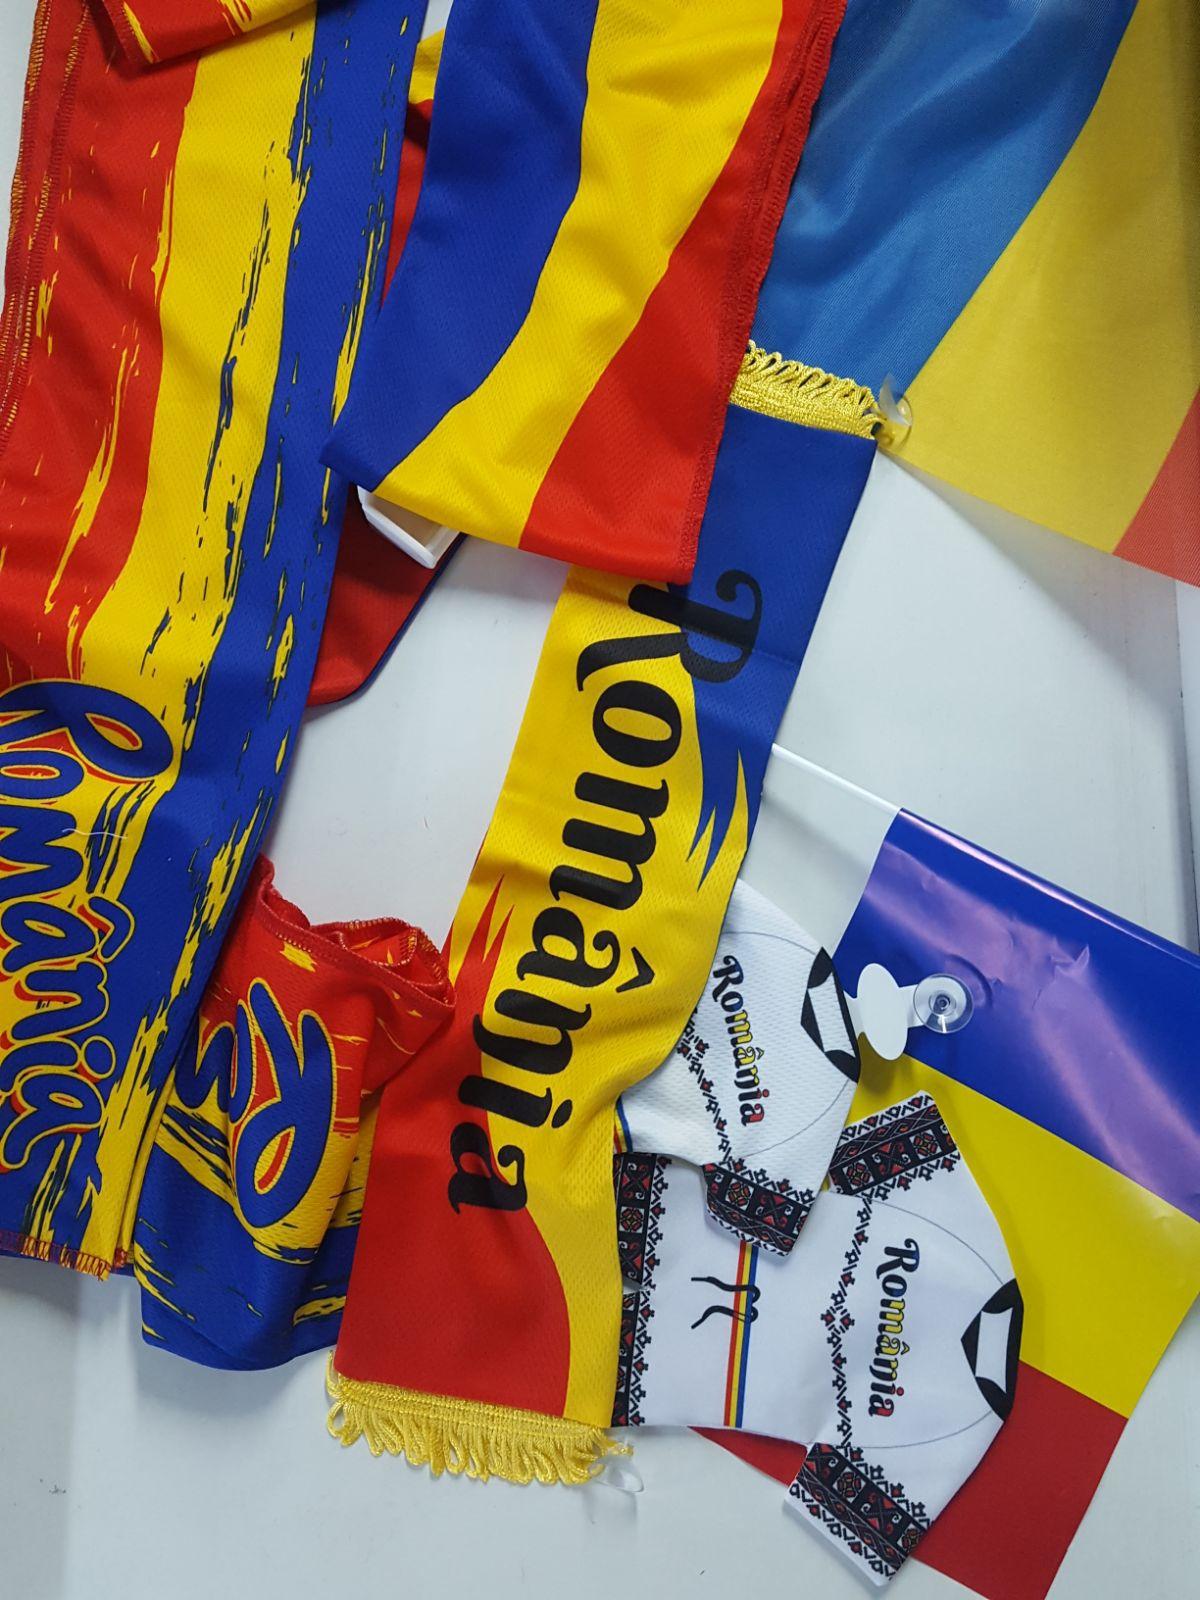 Povestea zecilor de mii de steaguri ce pleacă dintr-un orăşel din Sibiu spre toată România. `Îmi place mult, mai ales perioada aceasta. Suntem toţi foarte mândri să ştim că şi noi contribuim la bucuria oamenilor`